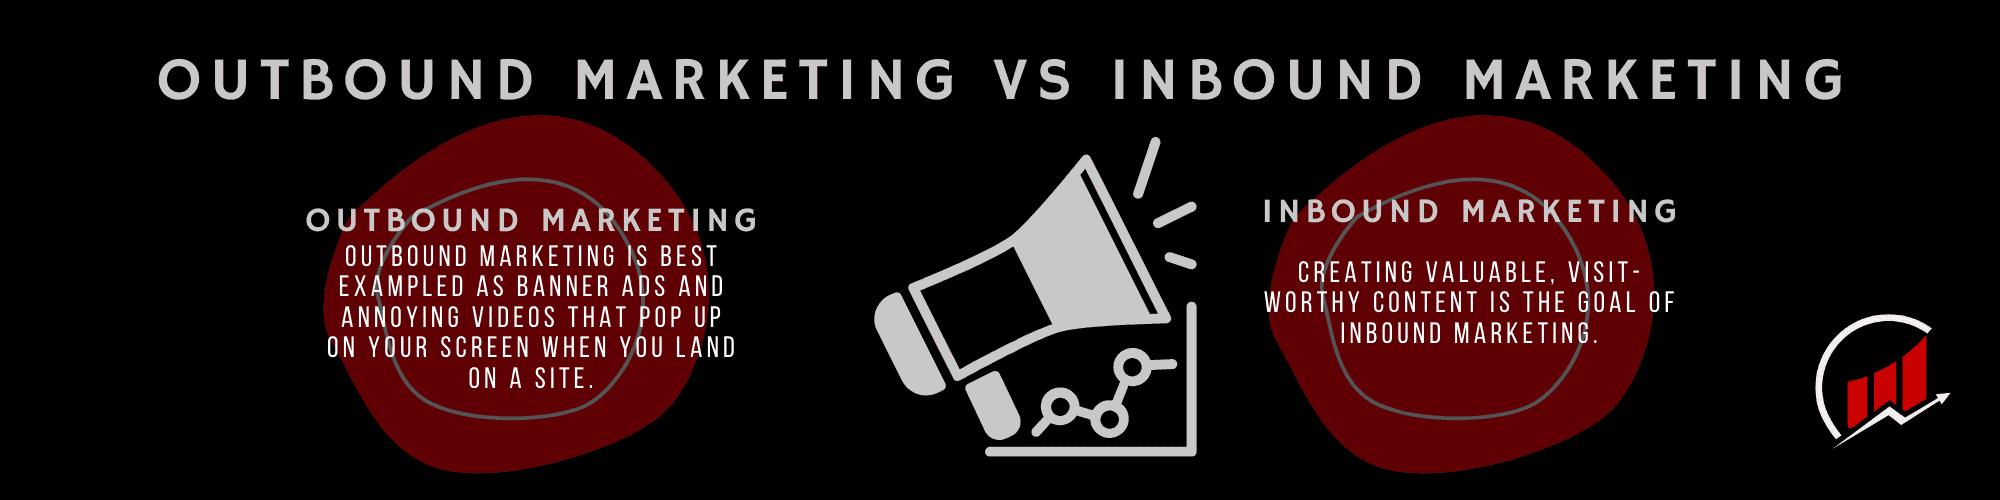 Outbound Marketing Different from Inbound